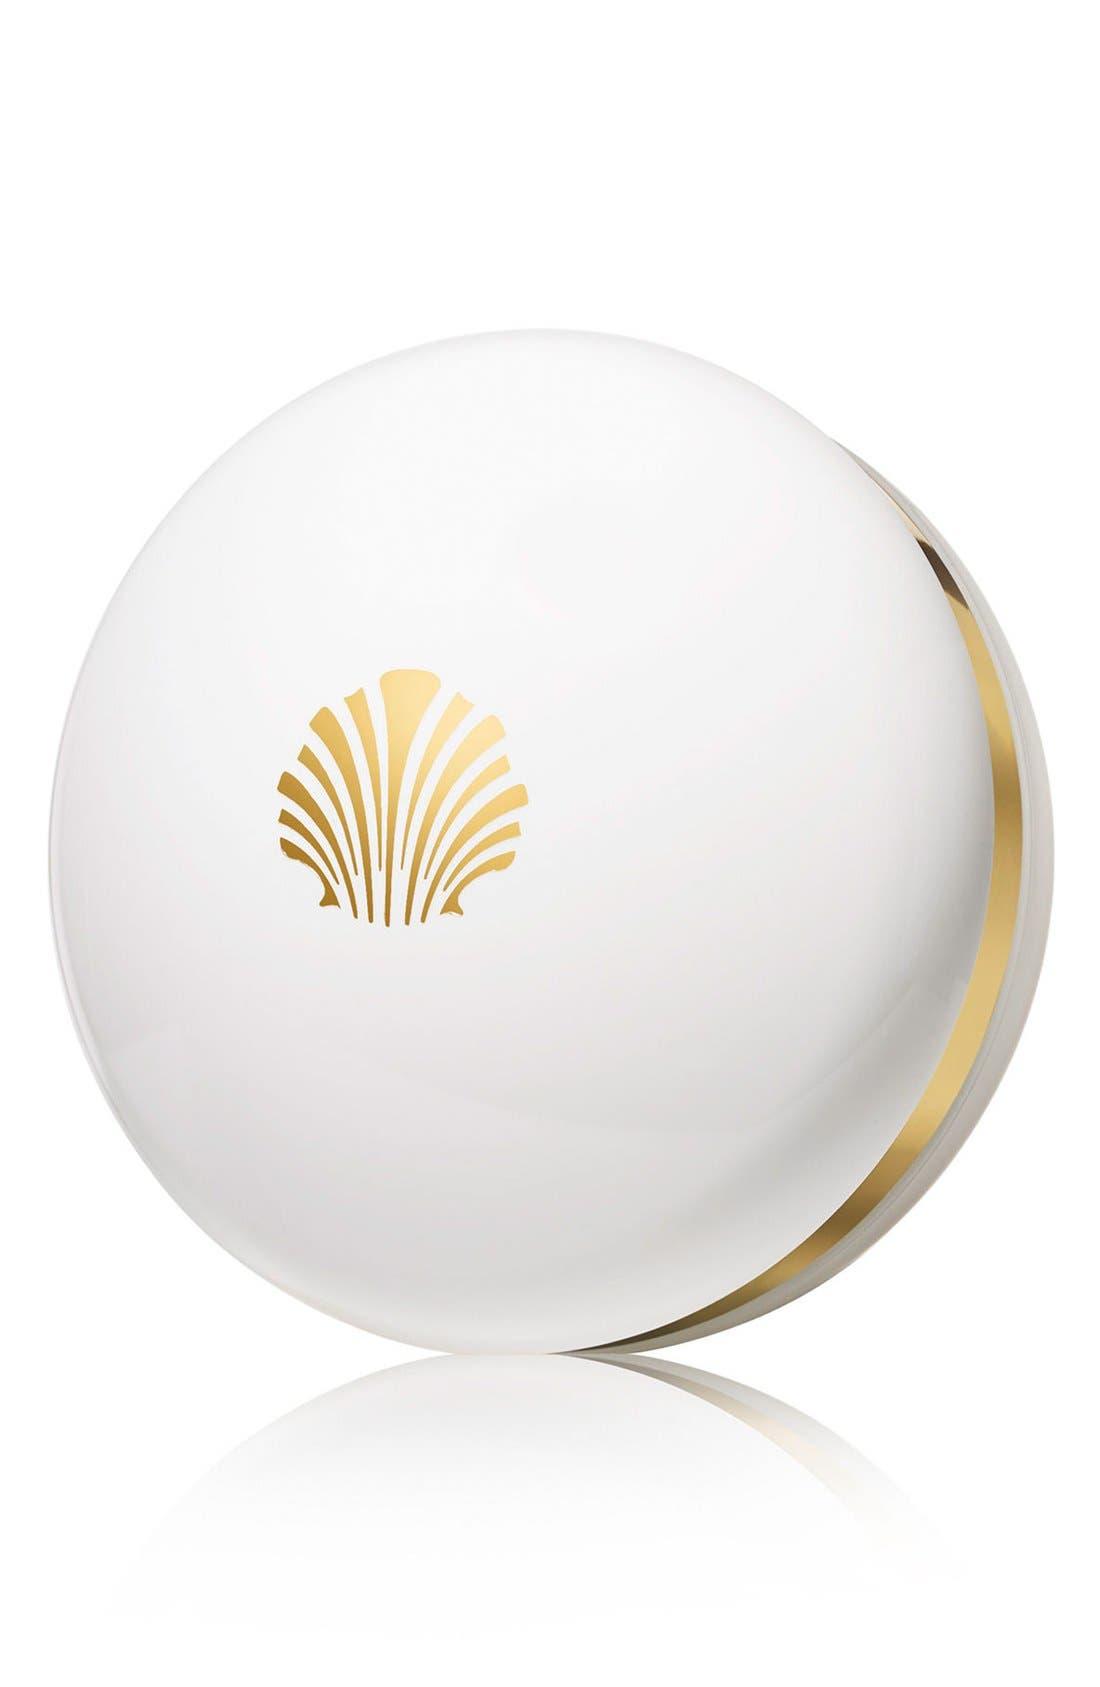 ESTÉE LAUDER White Linen Perfumed Body Creme, Main, color, 000